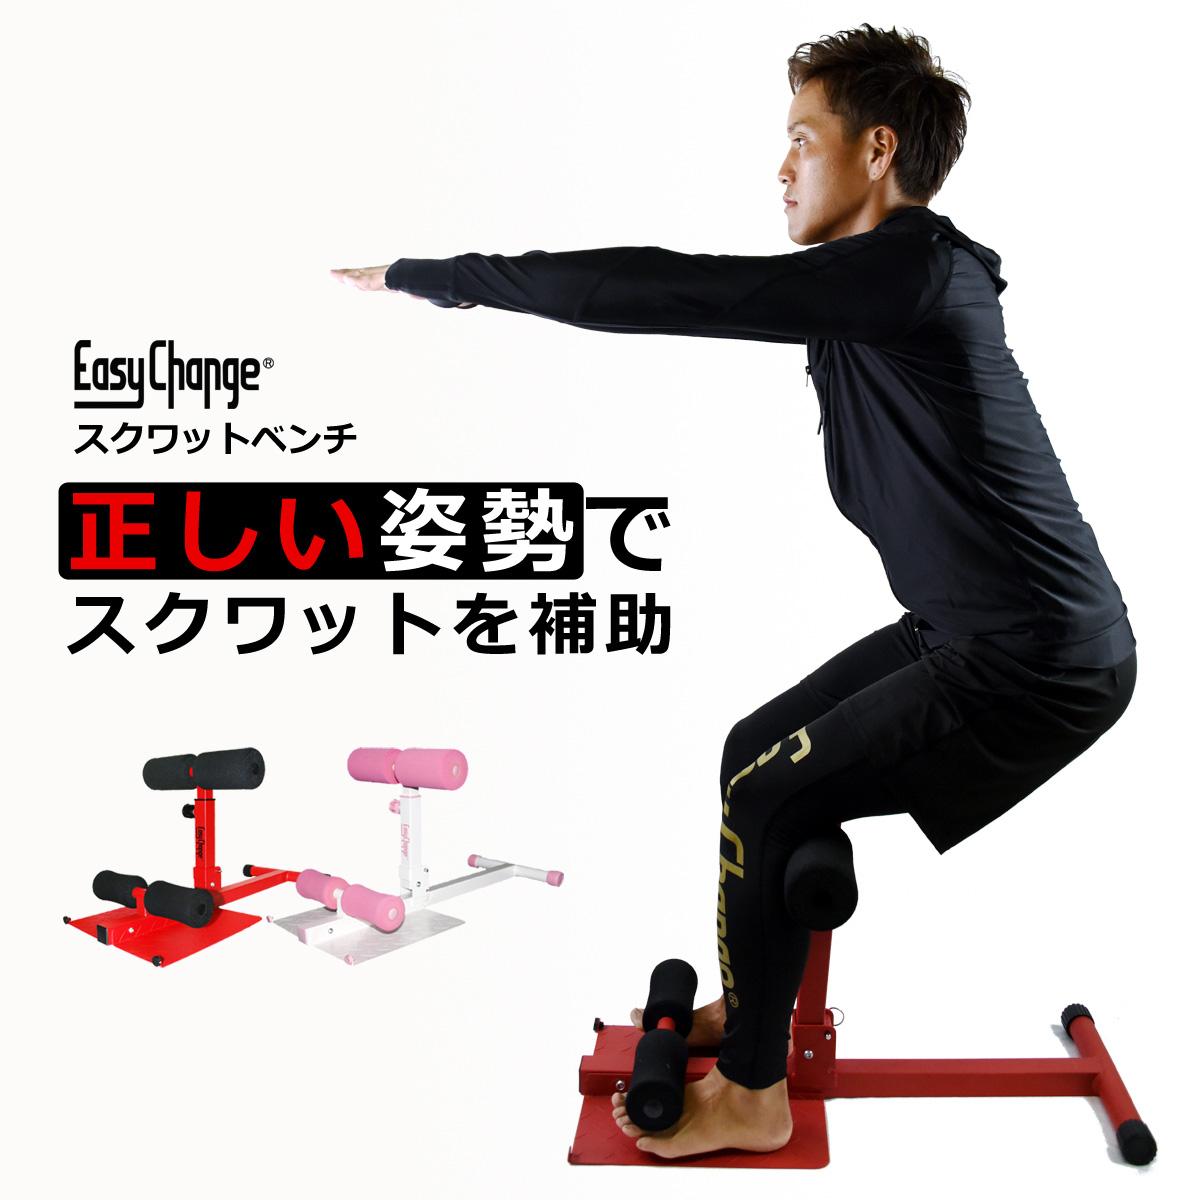 スクワットベンチ EasyChange シットアップベンチ ストレッチ トレーニング 筋トレ ダイエット エクササイズ 美脚 美尻 足痩せ ヒップアップ 太もも ふくらはぎ お腹 腹筋 体幹トレーニング スクワットトレーニング